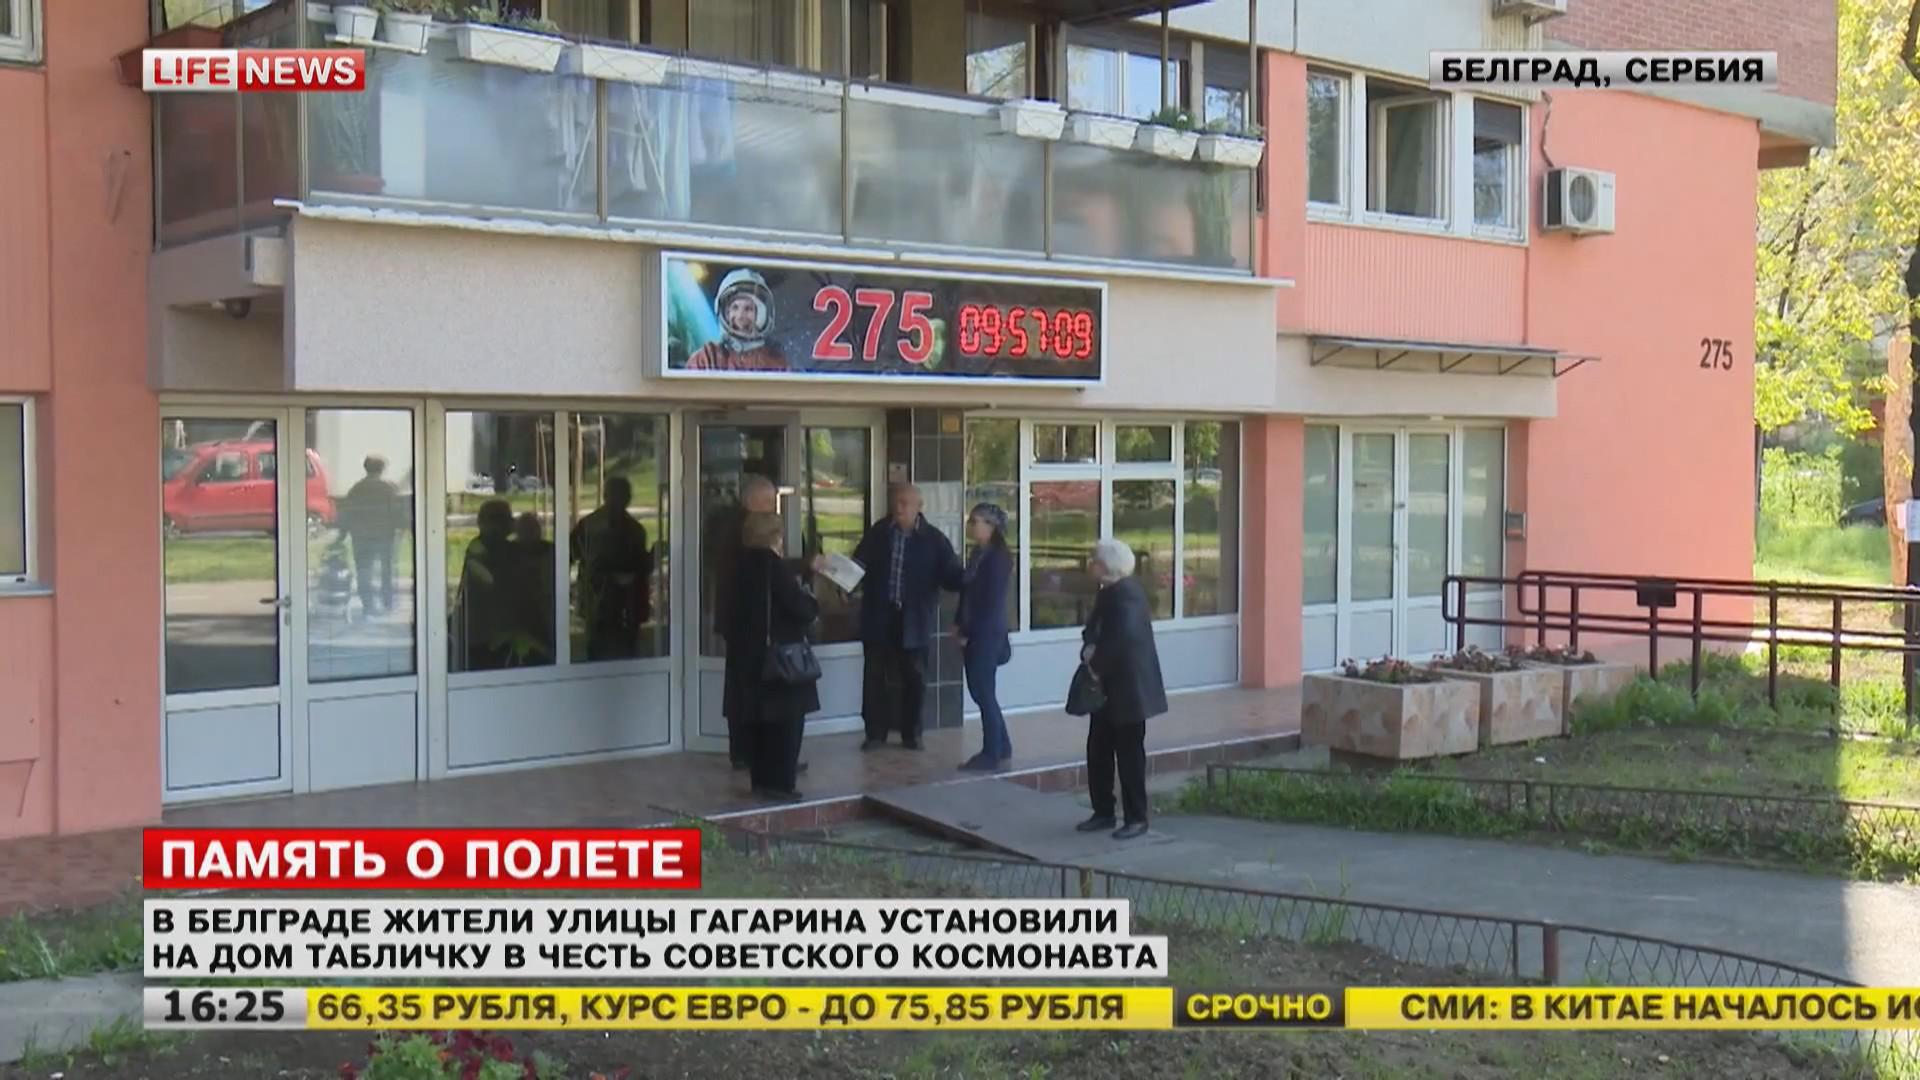 Репортажа руске телевизије Life News